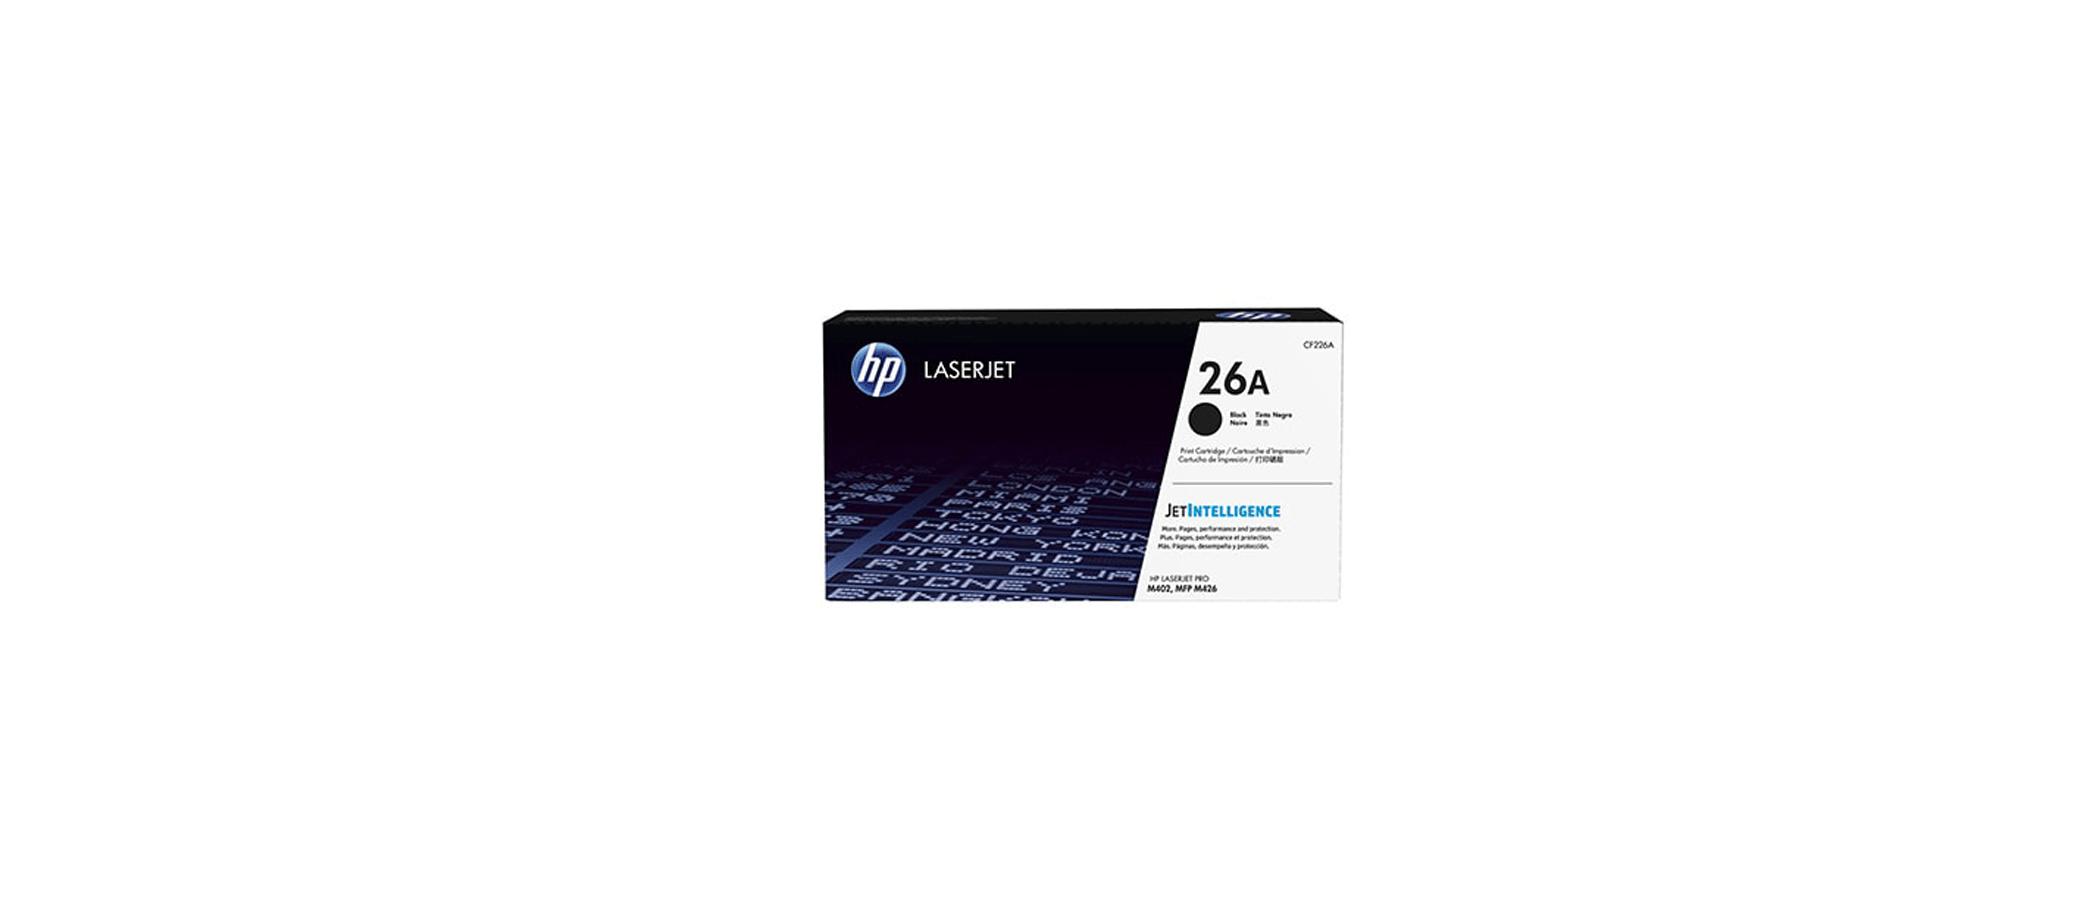 تصویر کارتریج پرینتر چند کاره HP LaserJet Pro MFP M426fdw